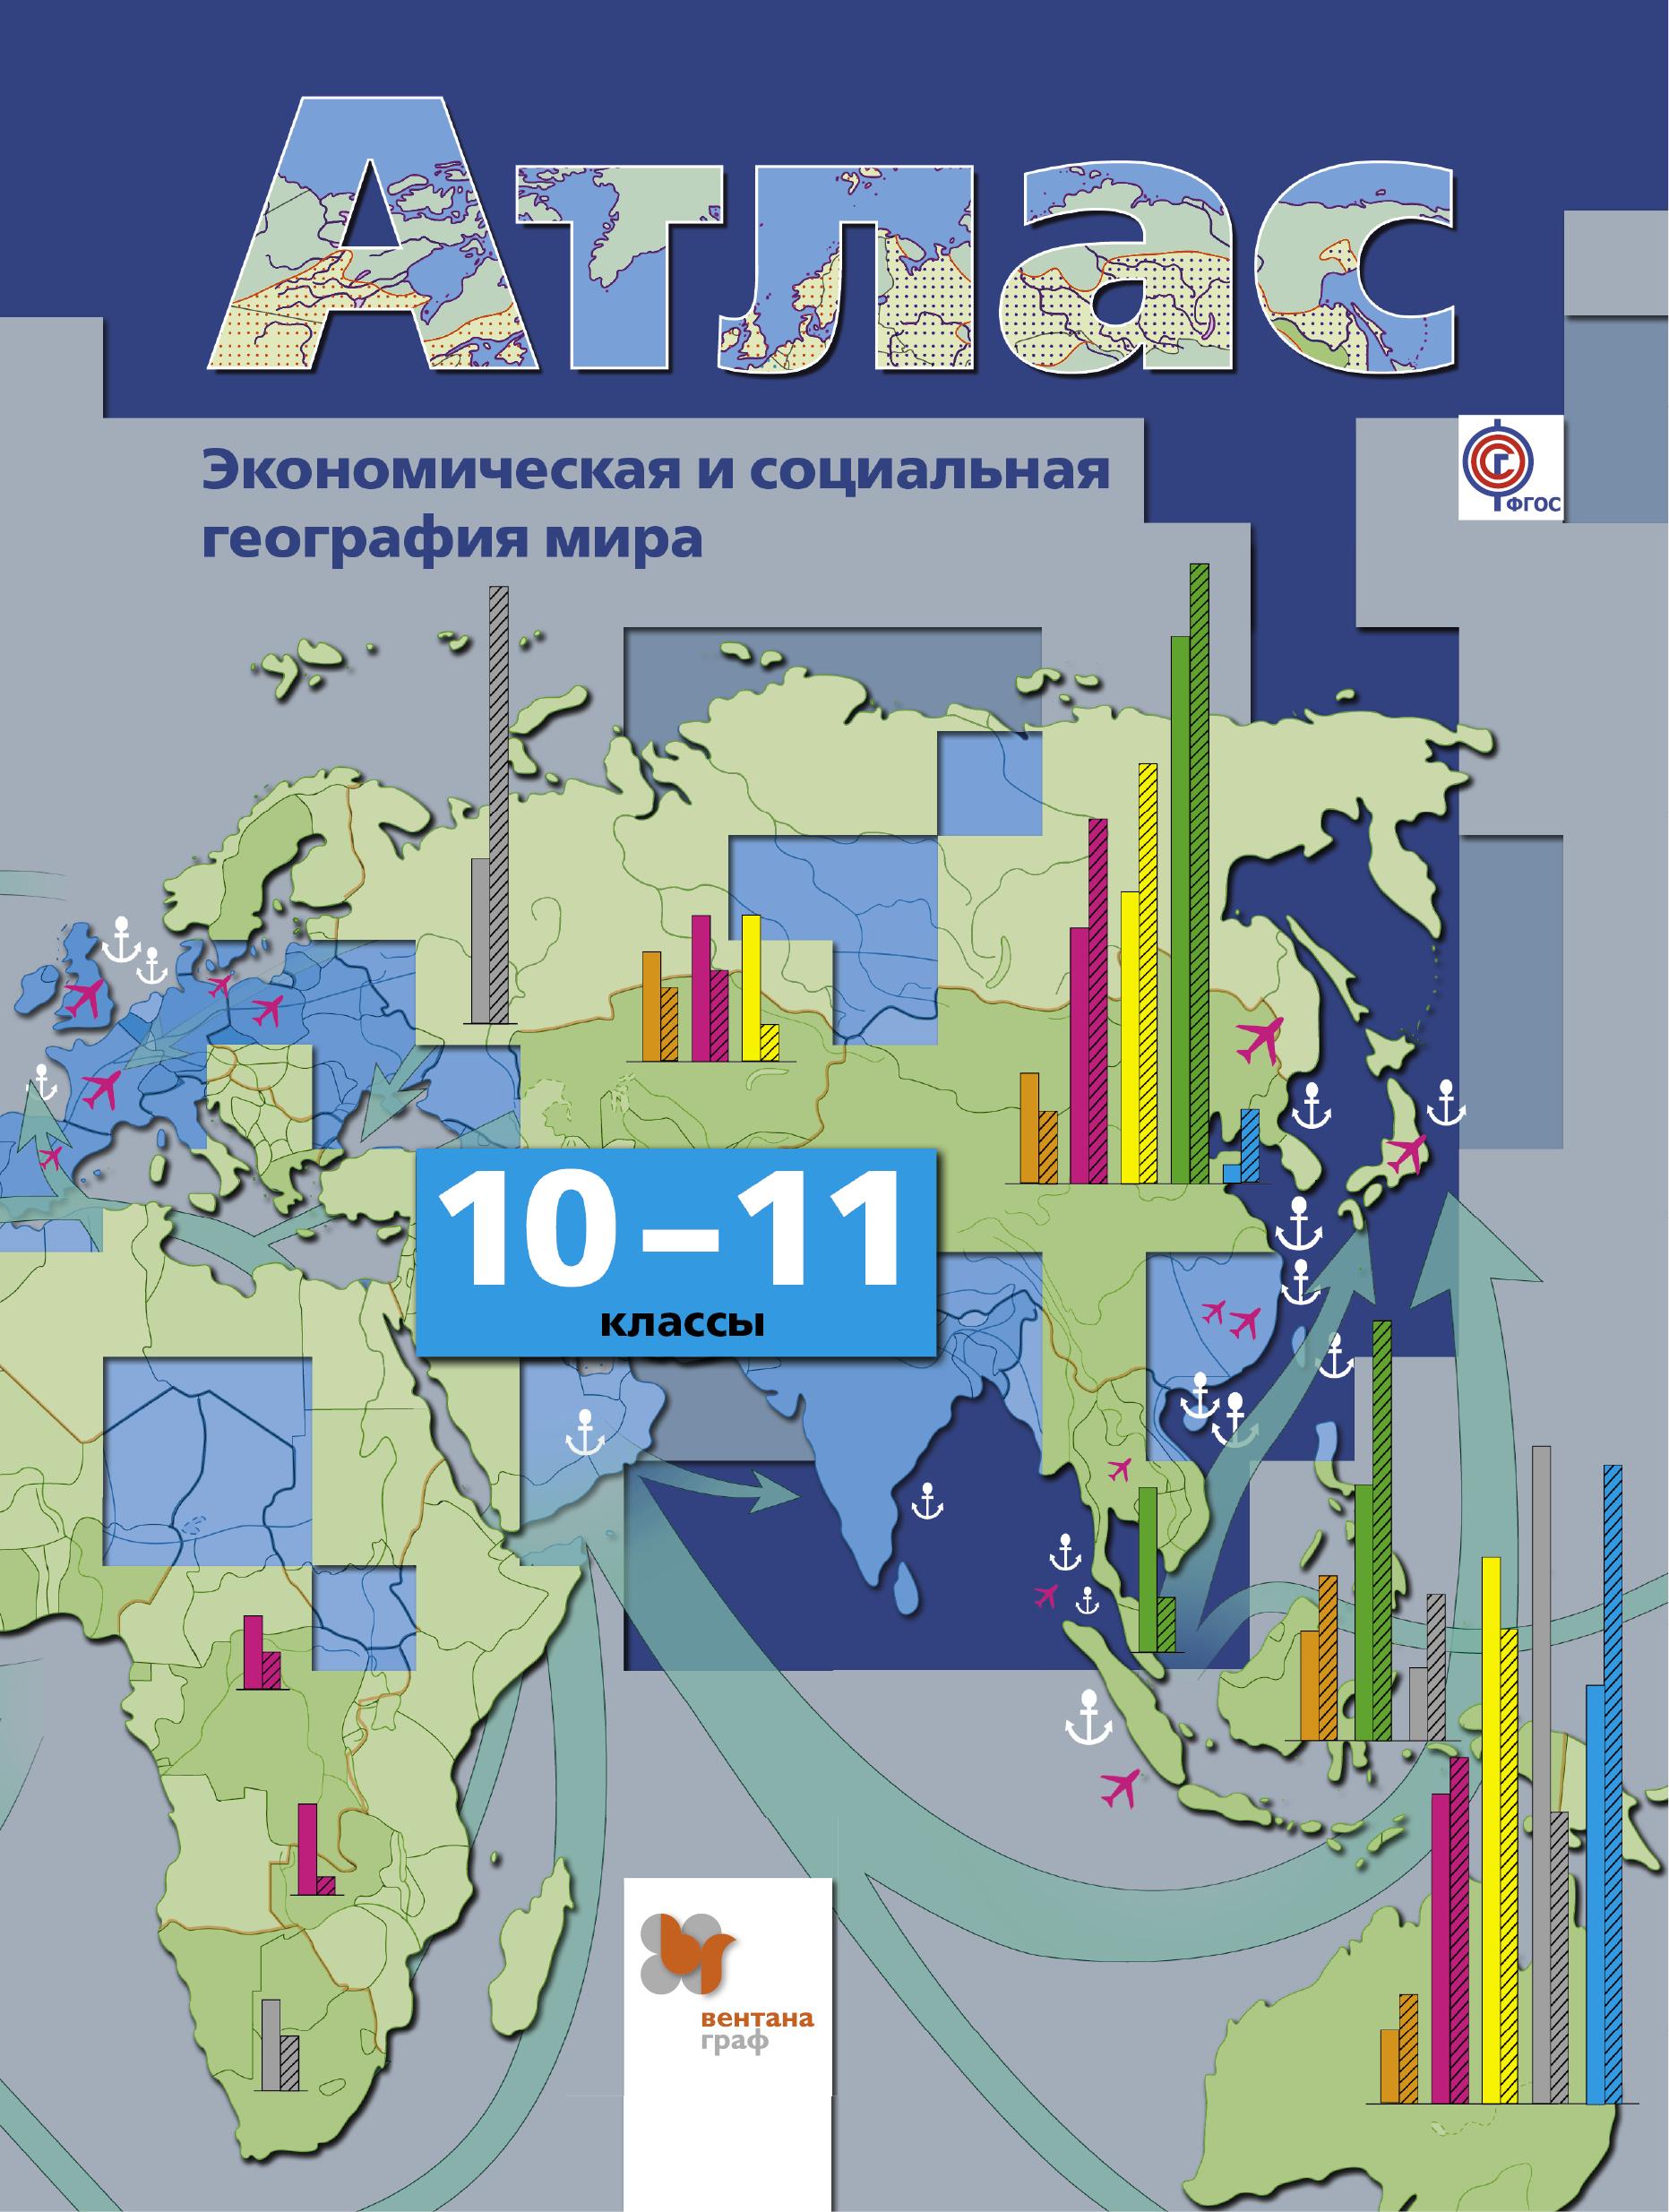 Экономическая и социальная география мира. 10-11 классы. Атлас